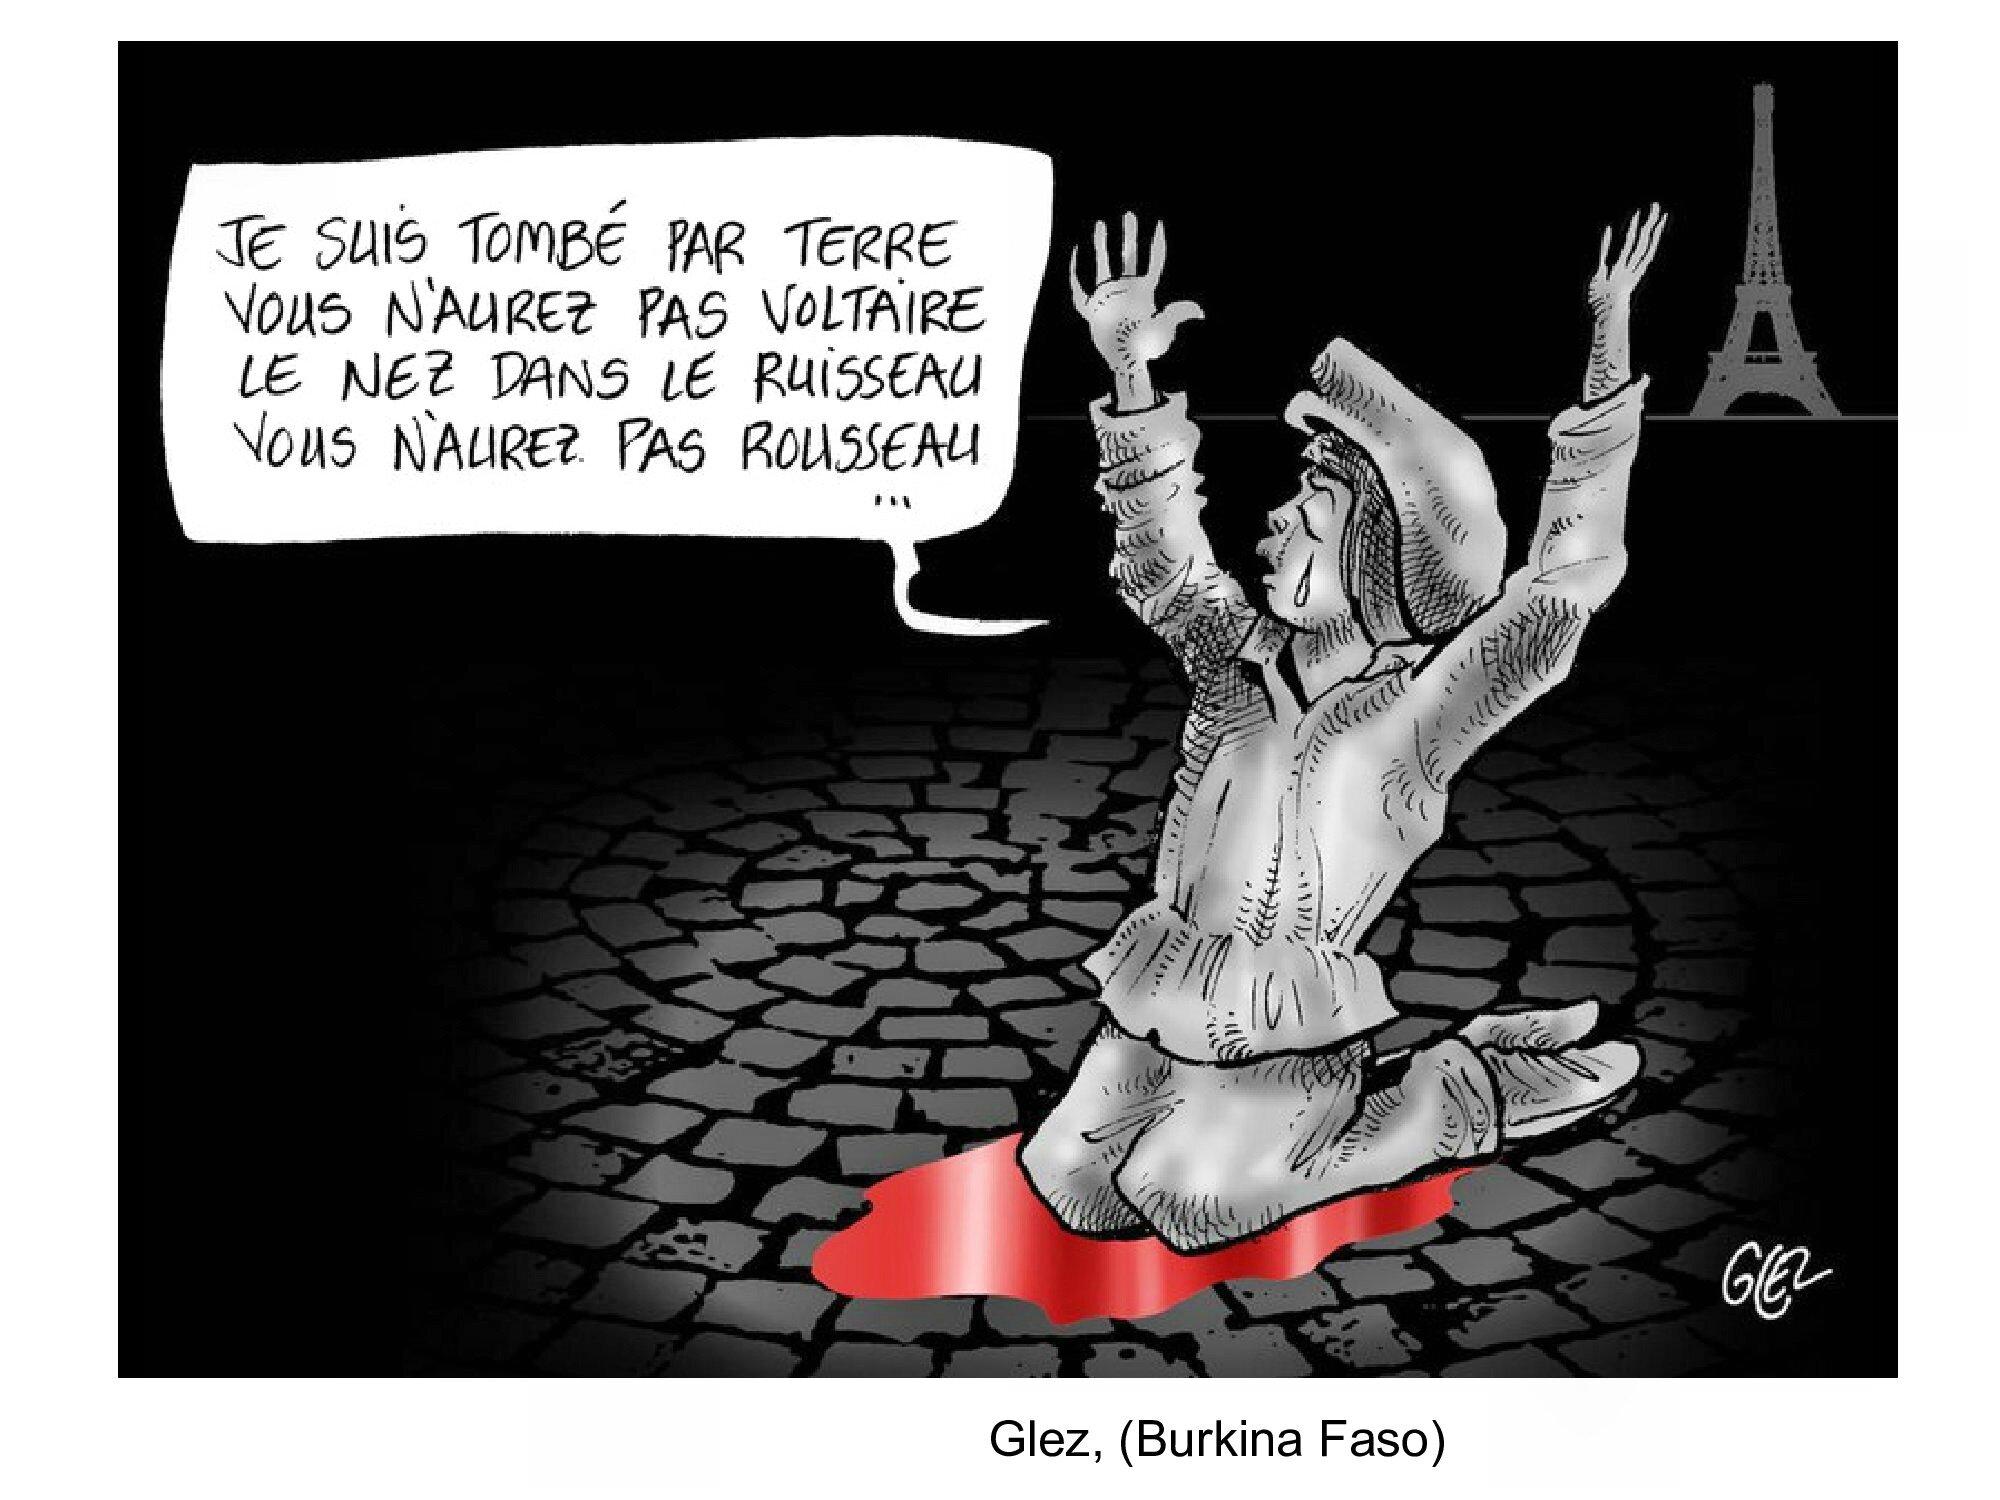 HOMMAGE des dessinateurs aux victimes des attentats de Paris 13 novembre 2015 (60)